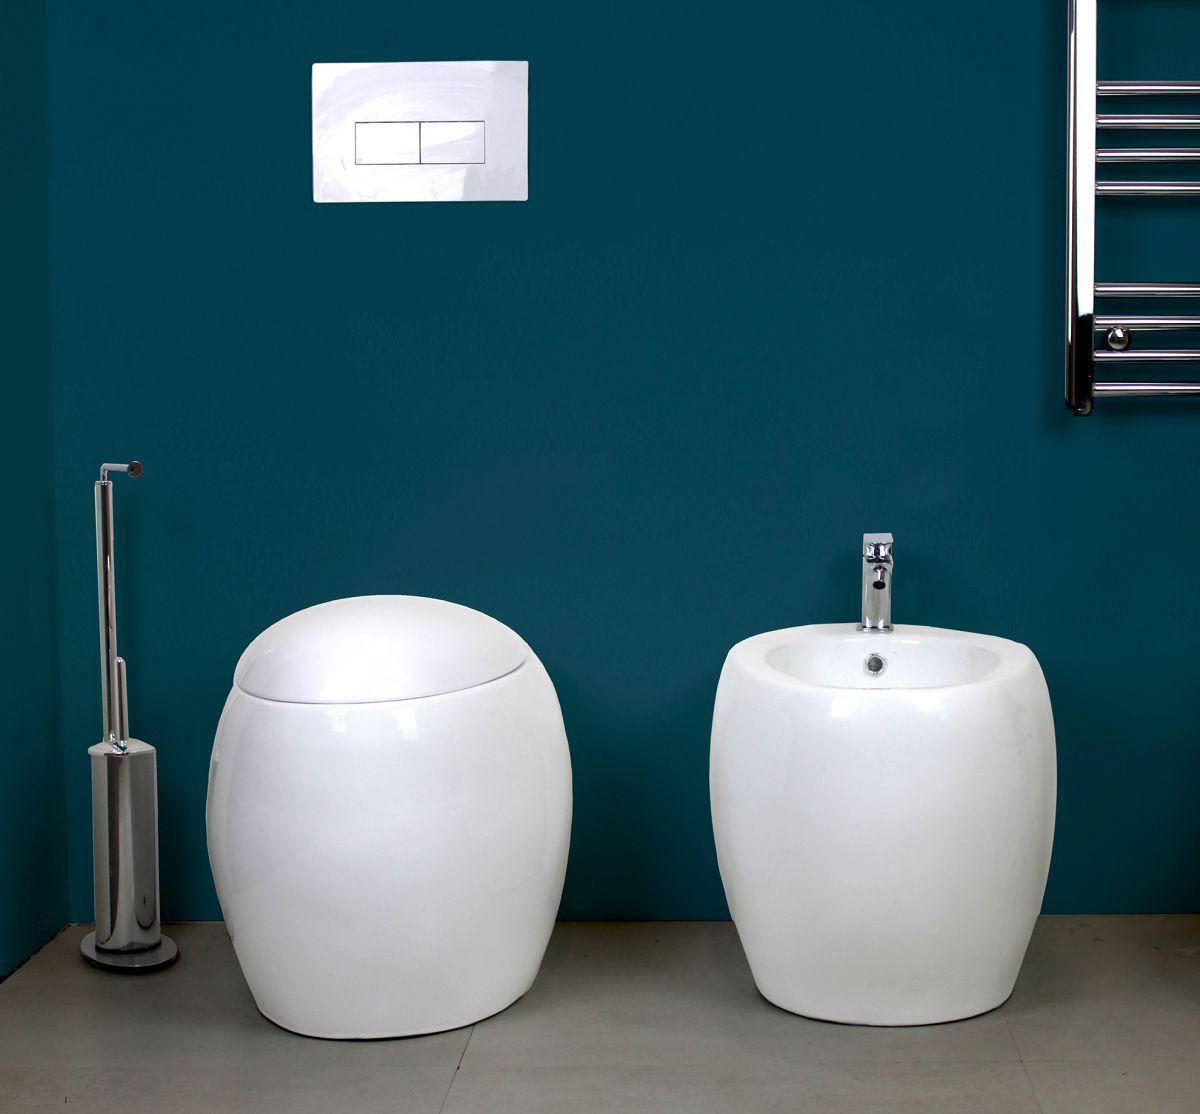 SFERA TERRA 2 Sanitari filo muro Sfera in ceramica Vaso+Bidet+Coprivaso Soft Close